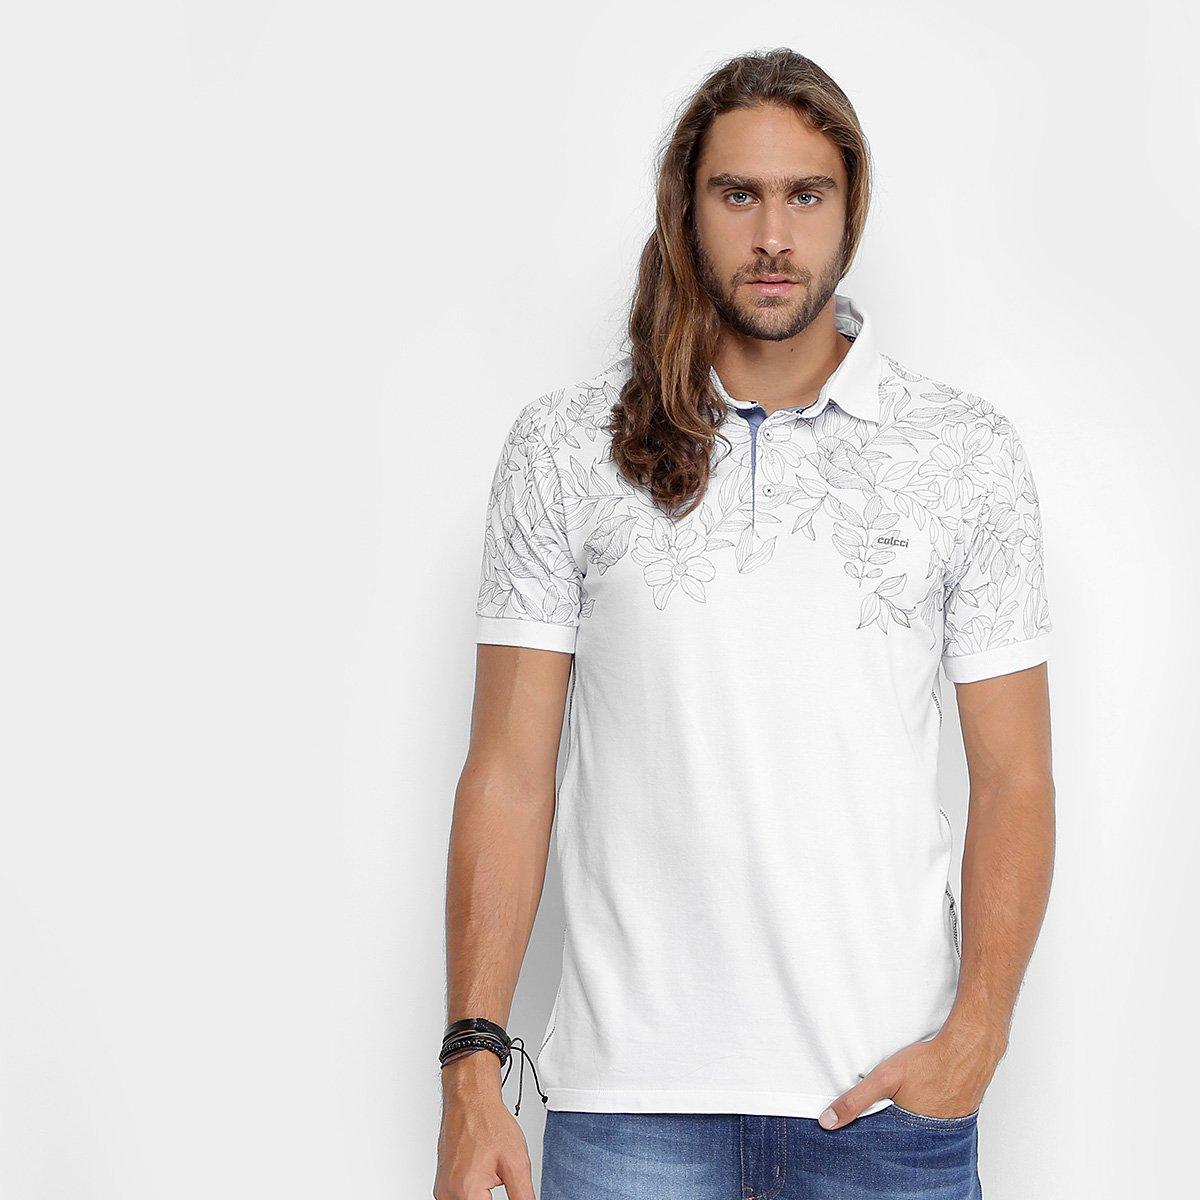 4b1466049 Camisa Polo Colcci Piquet Folhagem Masculina - Compre Agora | Zattini